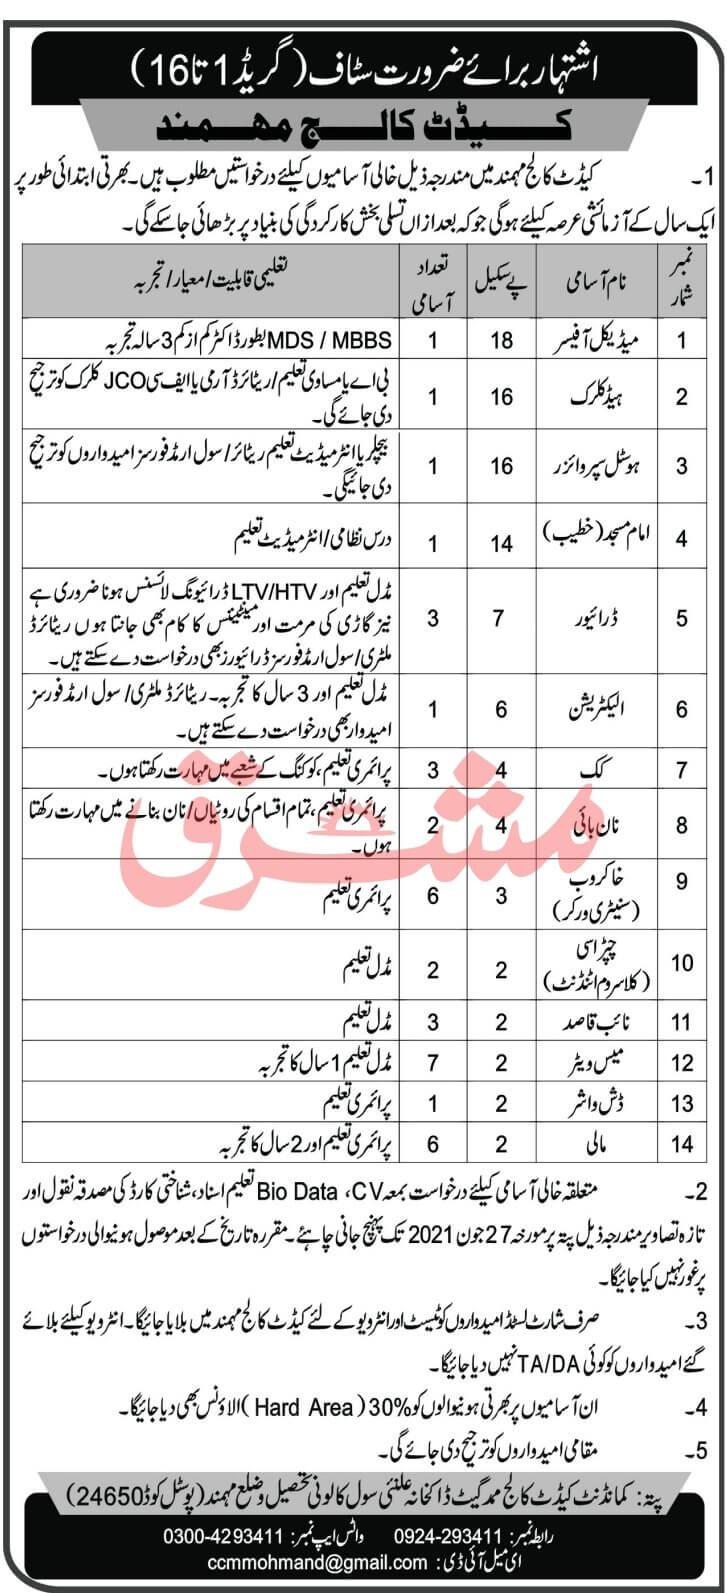 Cadet College Mohmand Jobs 2021 Advertisement in Pakistan